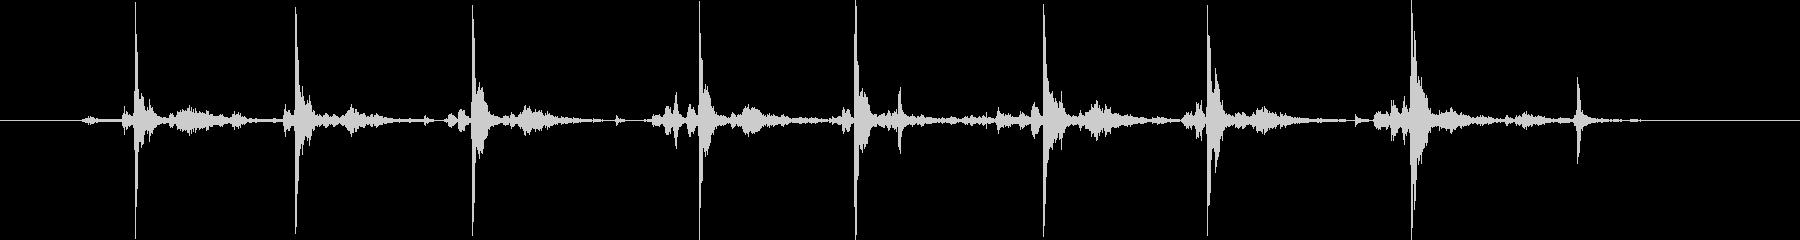 タイプライター8連打の未再生の波形